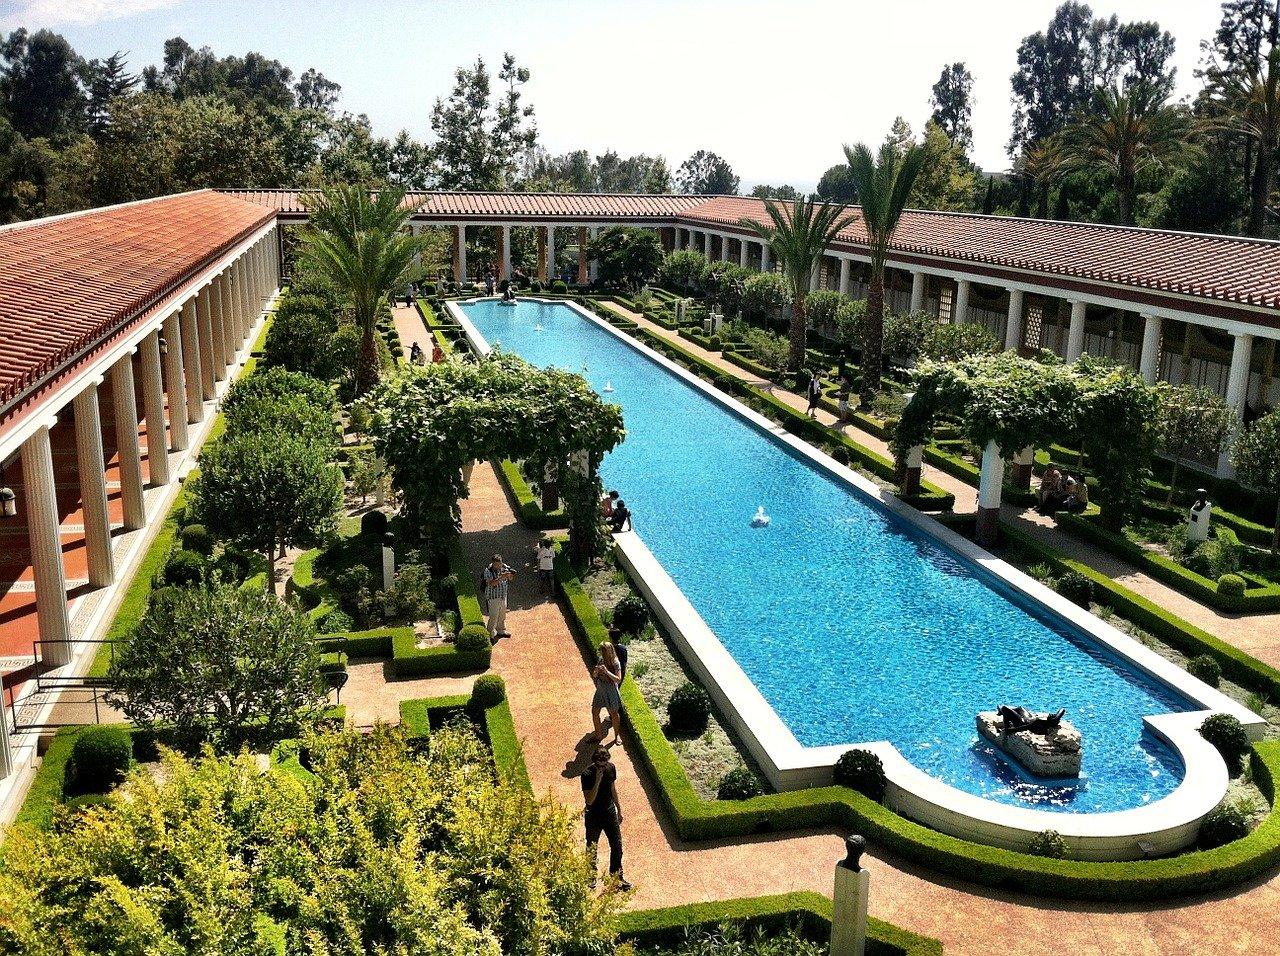 The Getty Villa in Malibu in California